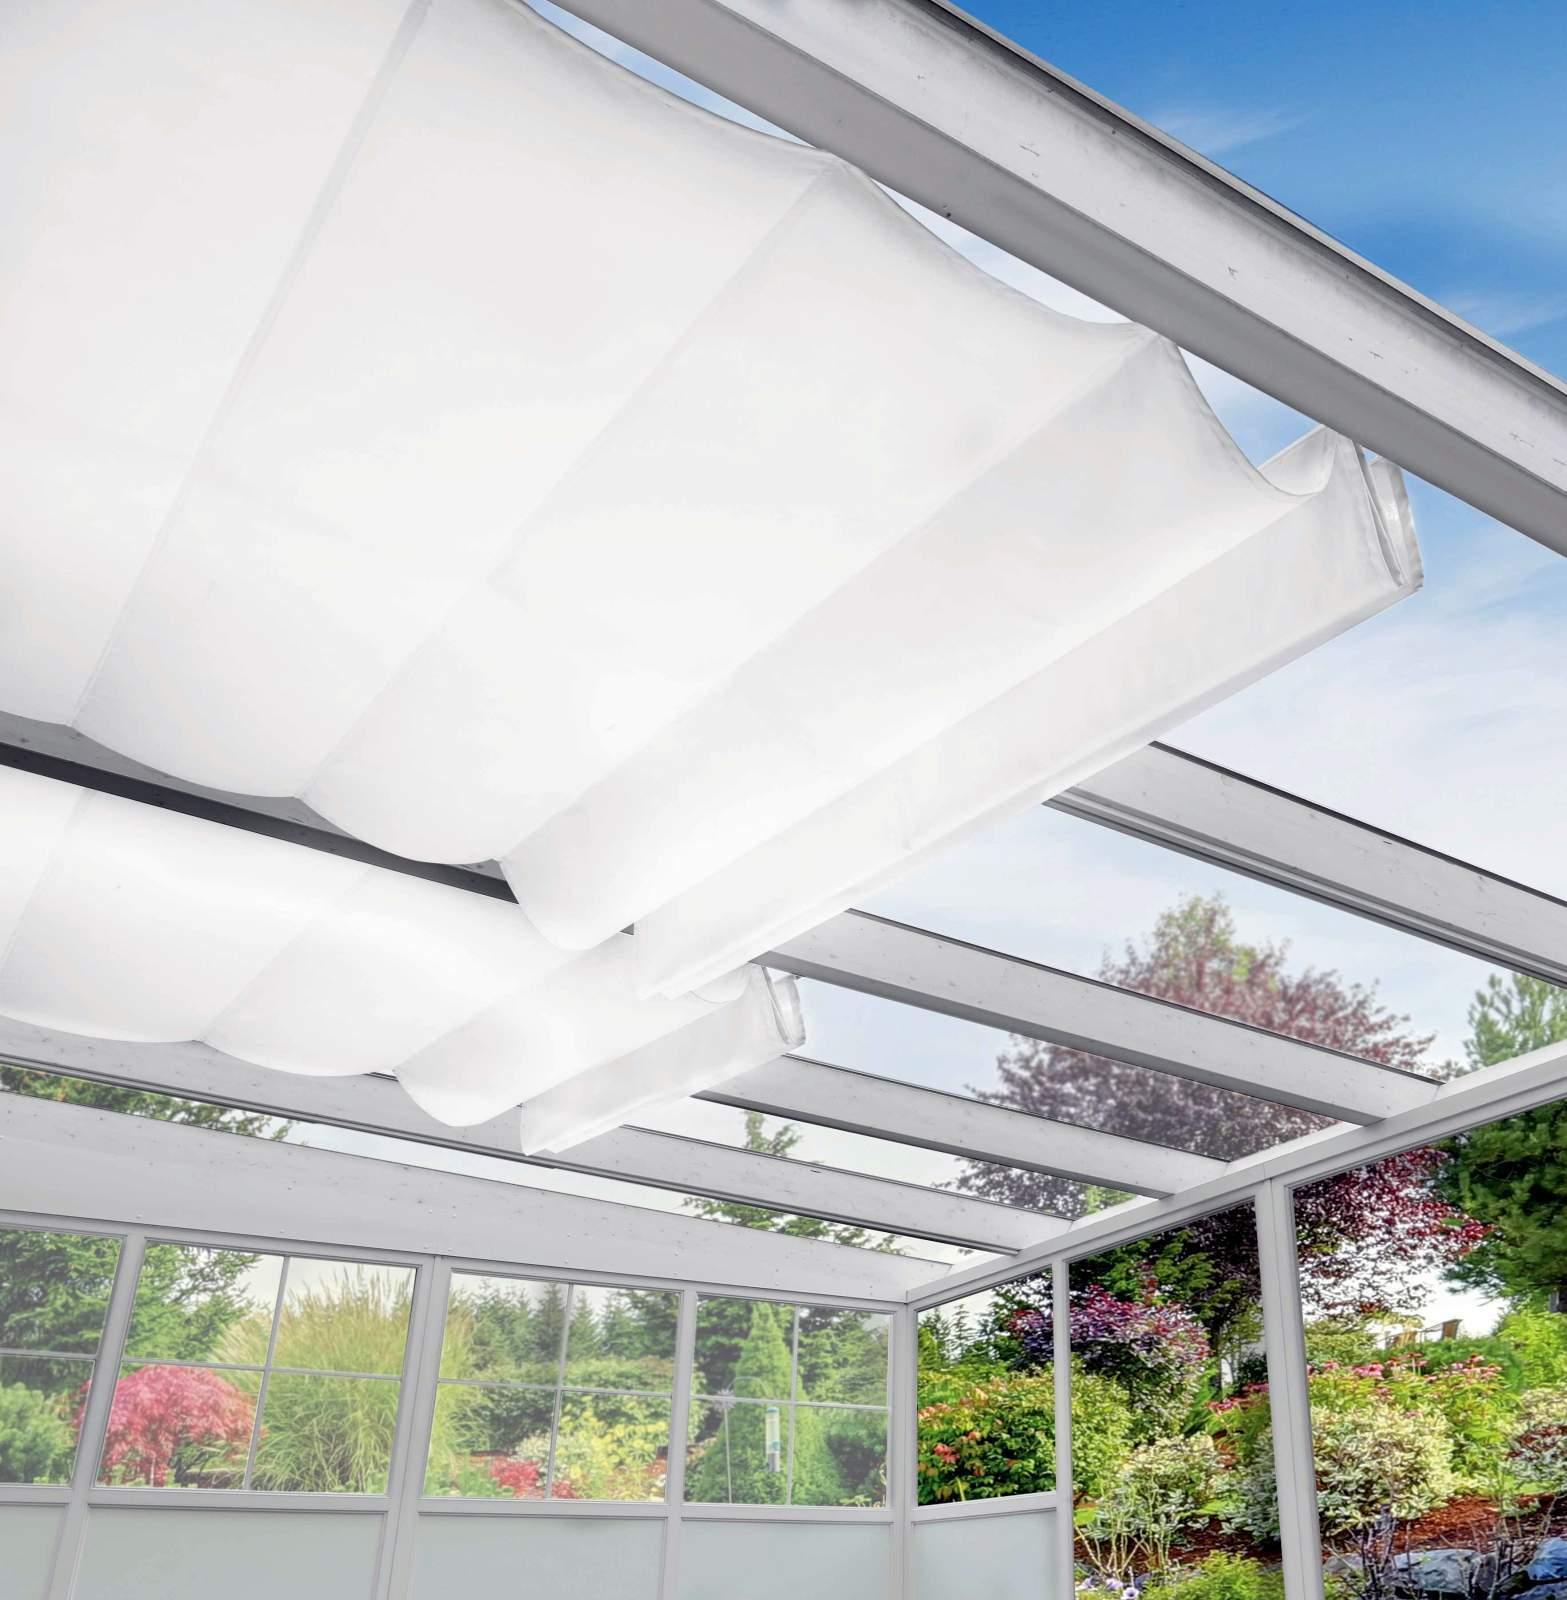 Terrassendach Alu VSG mit  Sunola  Terrassenüberdachung 10 m breit Glas Carport